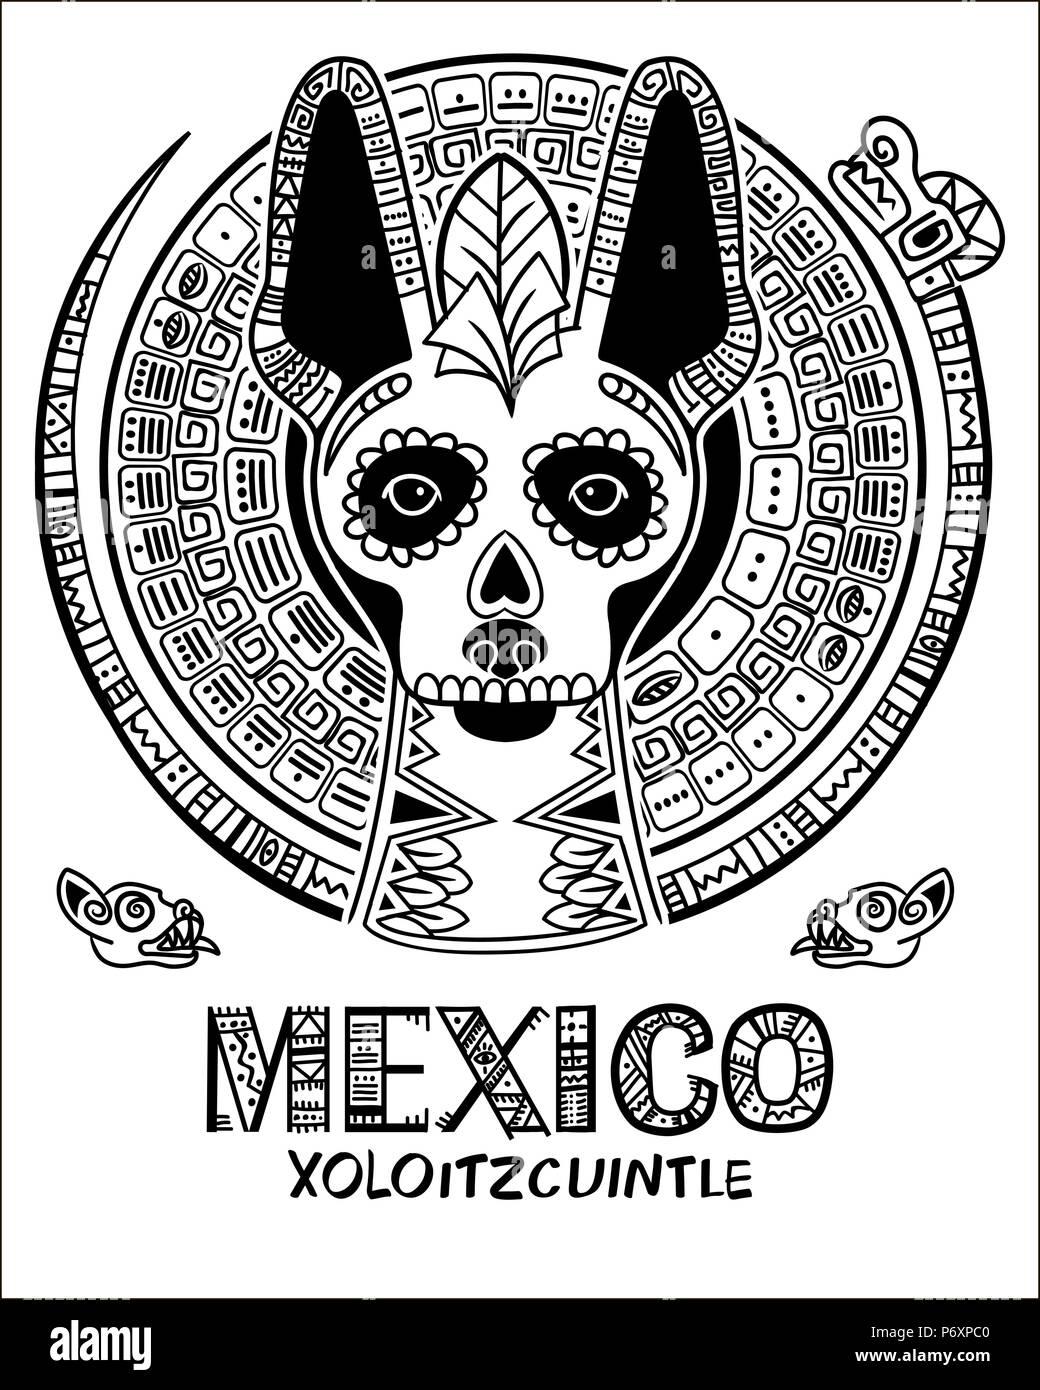 Imagen Vectorial De Un Perro En Estilo étnico Mexicanos Y